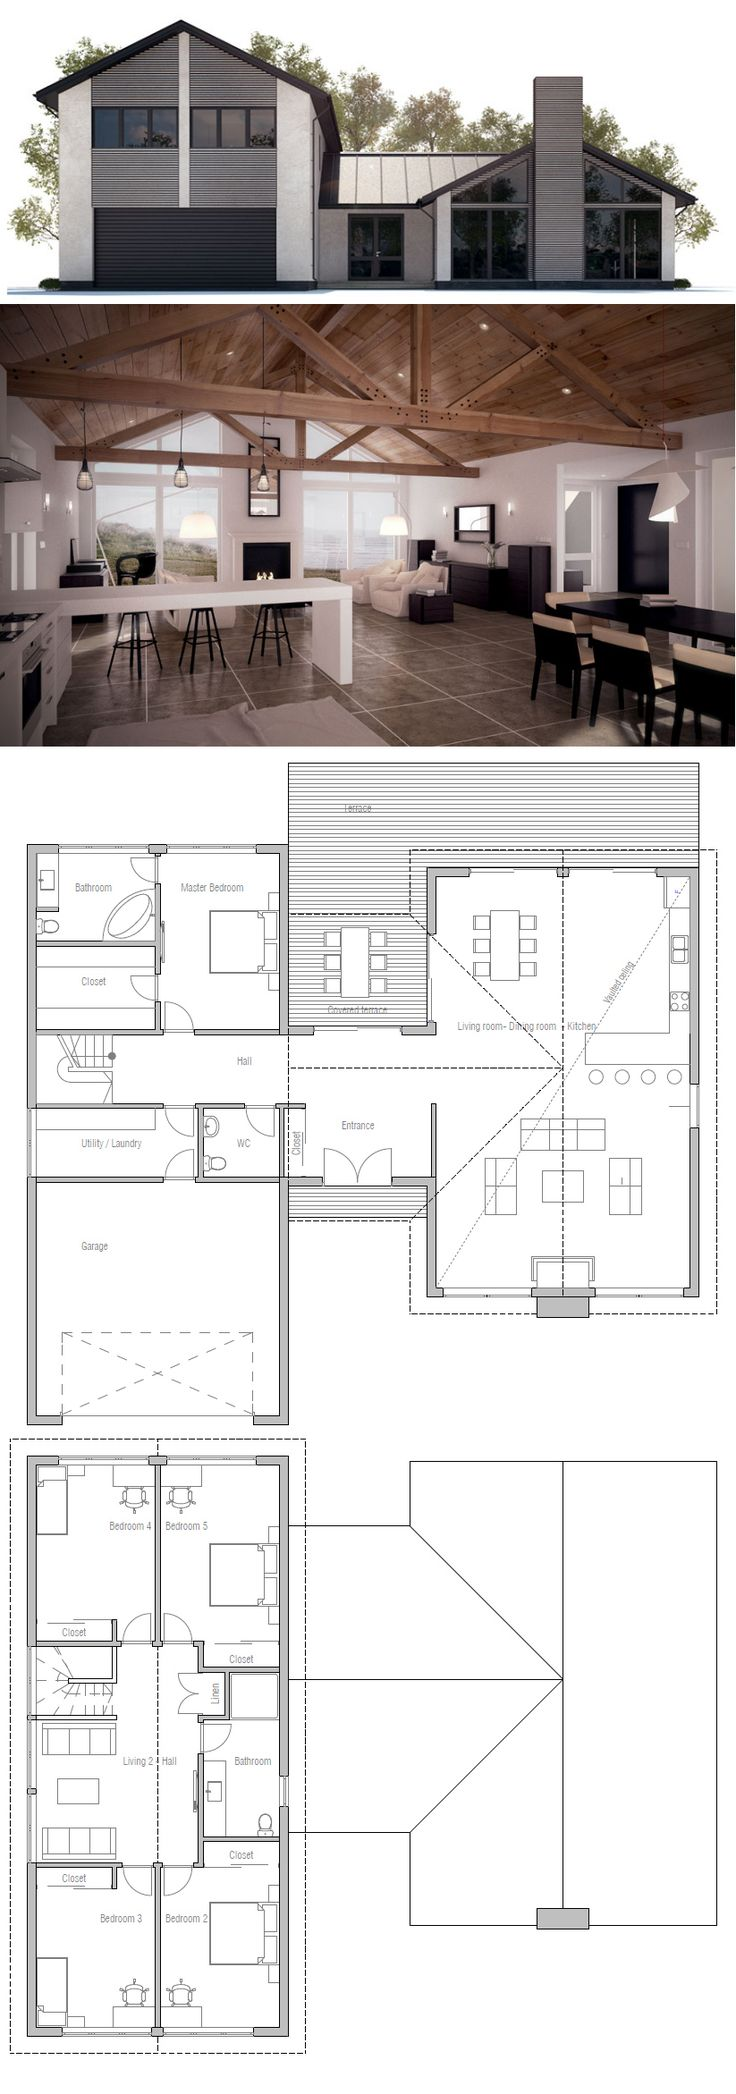 Wohnzimmer und küche tauschen mag nicht mit dem wohnzimmer zur straße sitzen